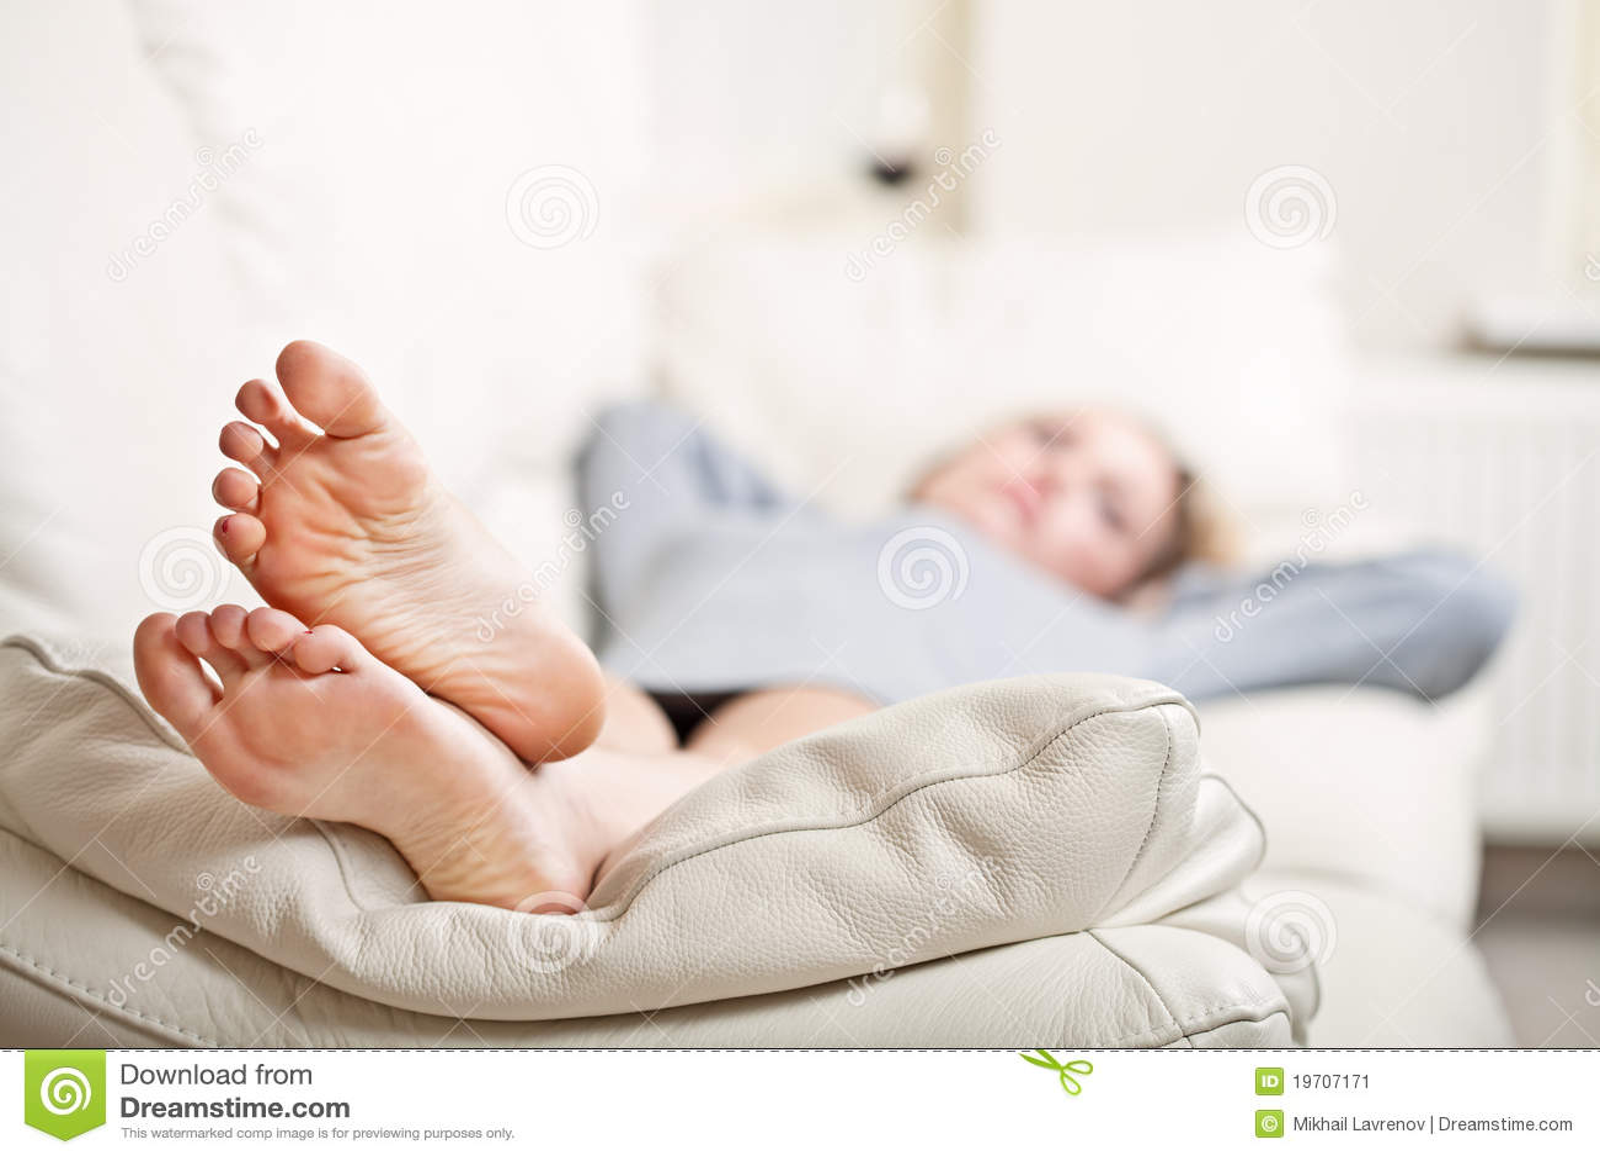 image Sleeping feet girl sofa and big tit teen